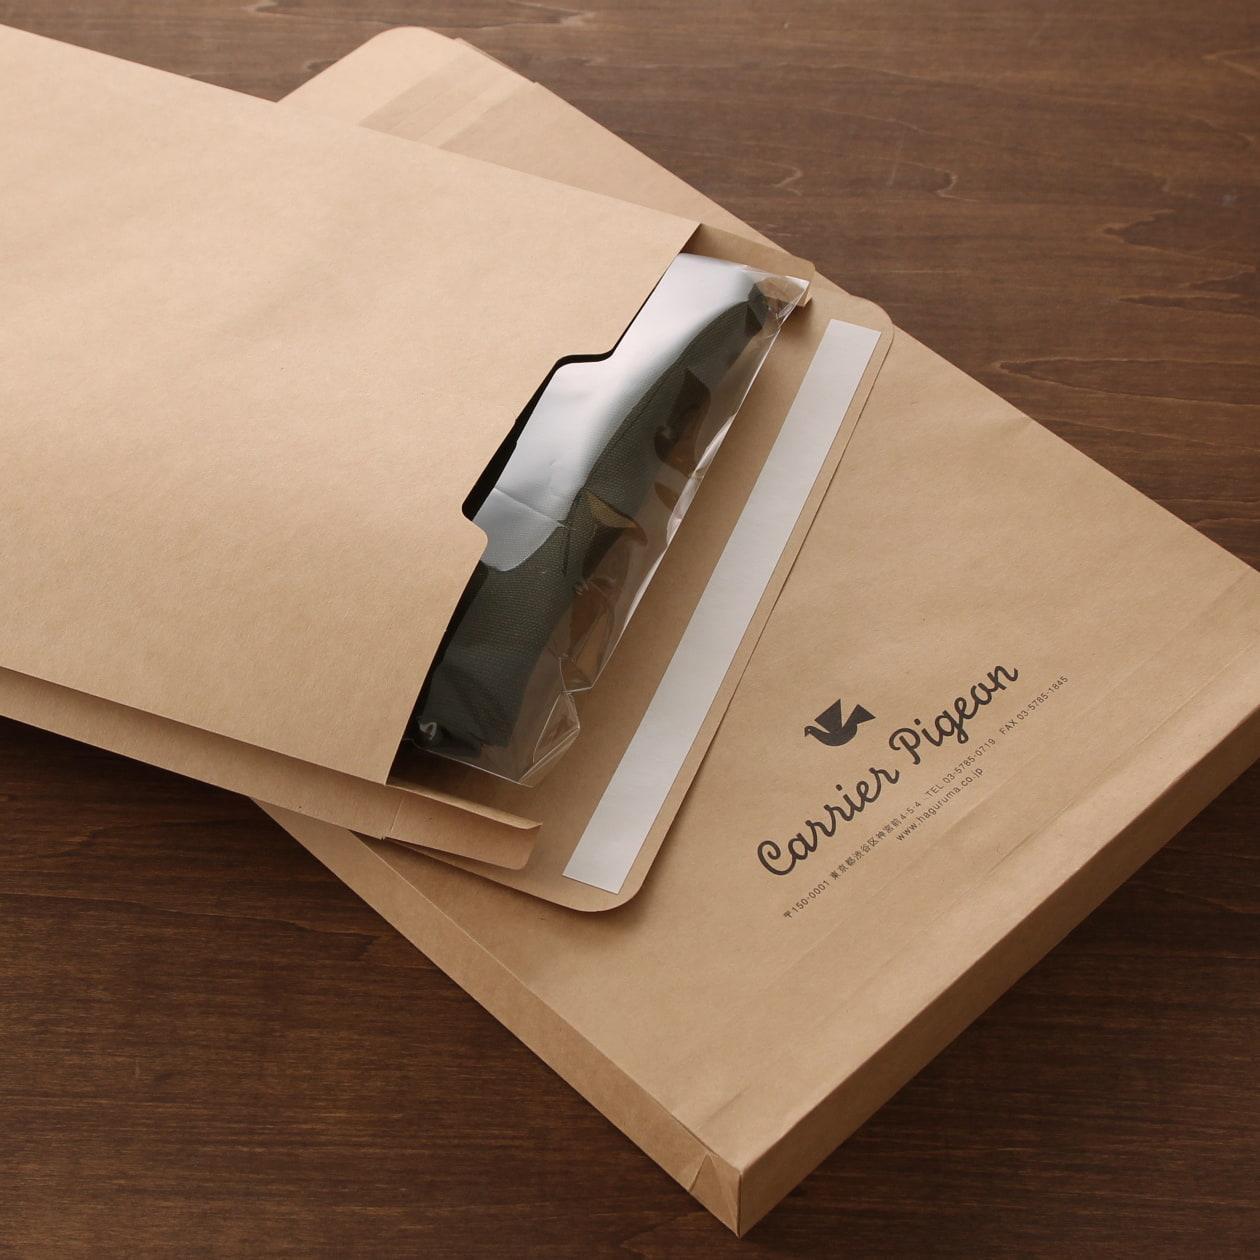 厚みのあるものの発送にマチ付き封筒